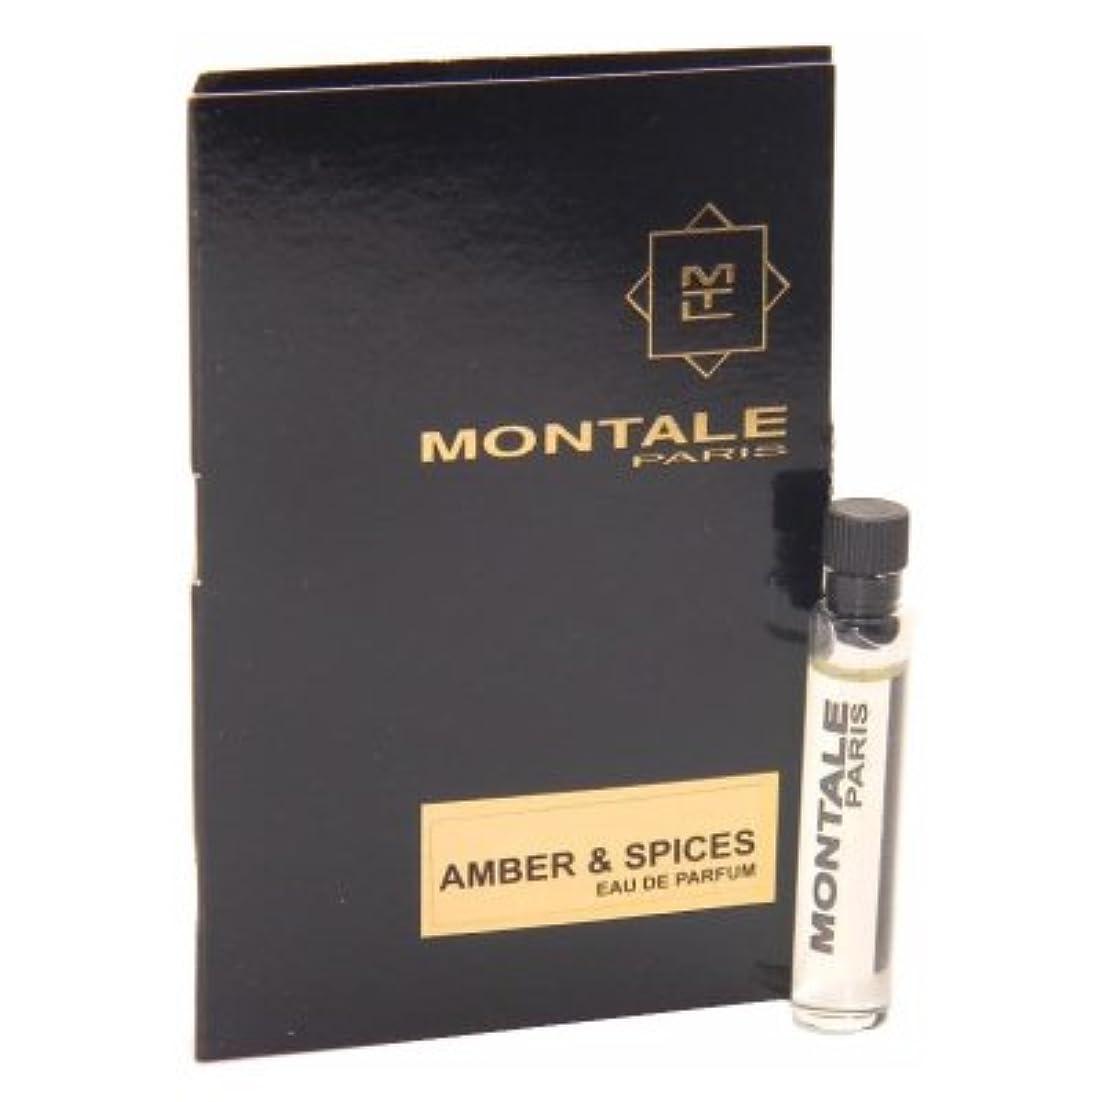 子豚委員長幸福Montale Amber & Spices EDP Vial Sample 2ml(モンタル アンバー & スパイス オードパルファン 2ml)[海外直送品] [並行輸入品]